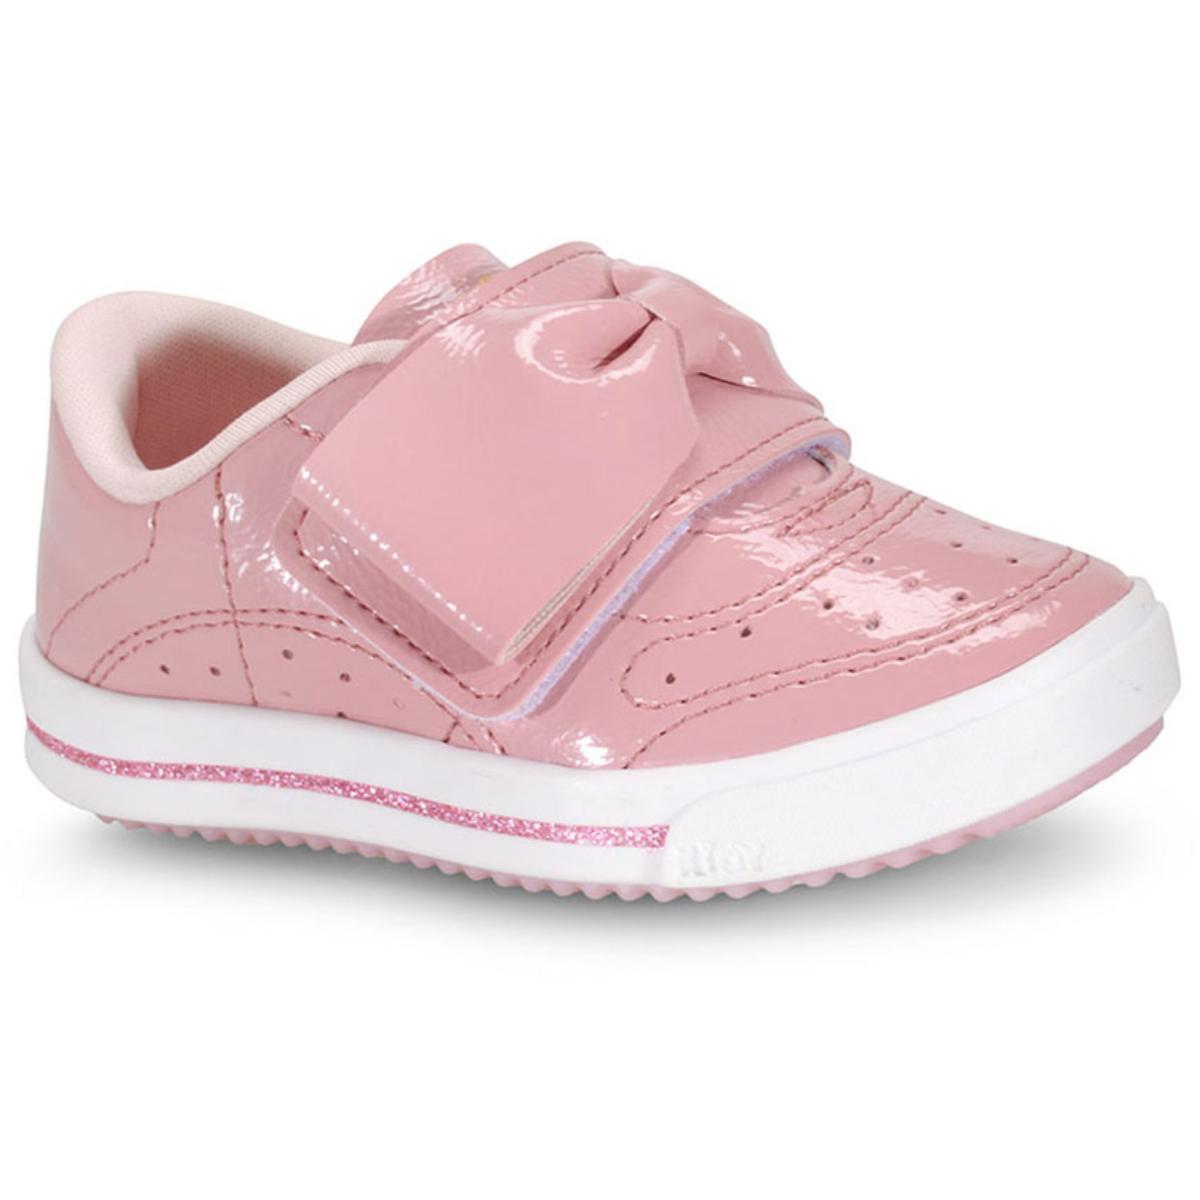 Tênis Fem Infantil Kidy 05901002176 Rose